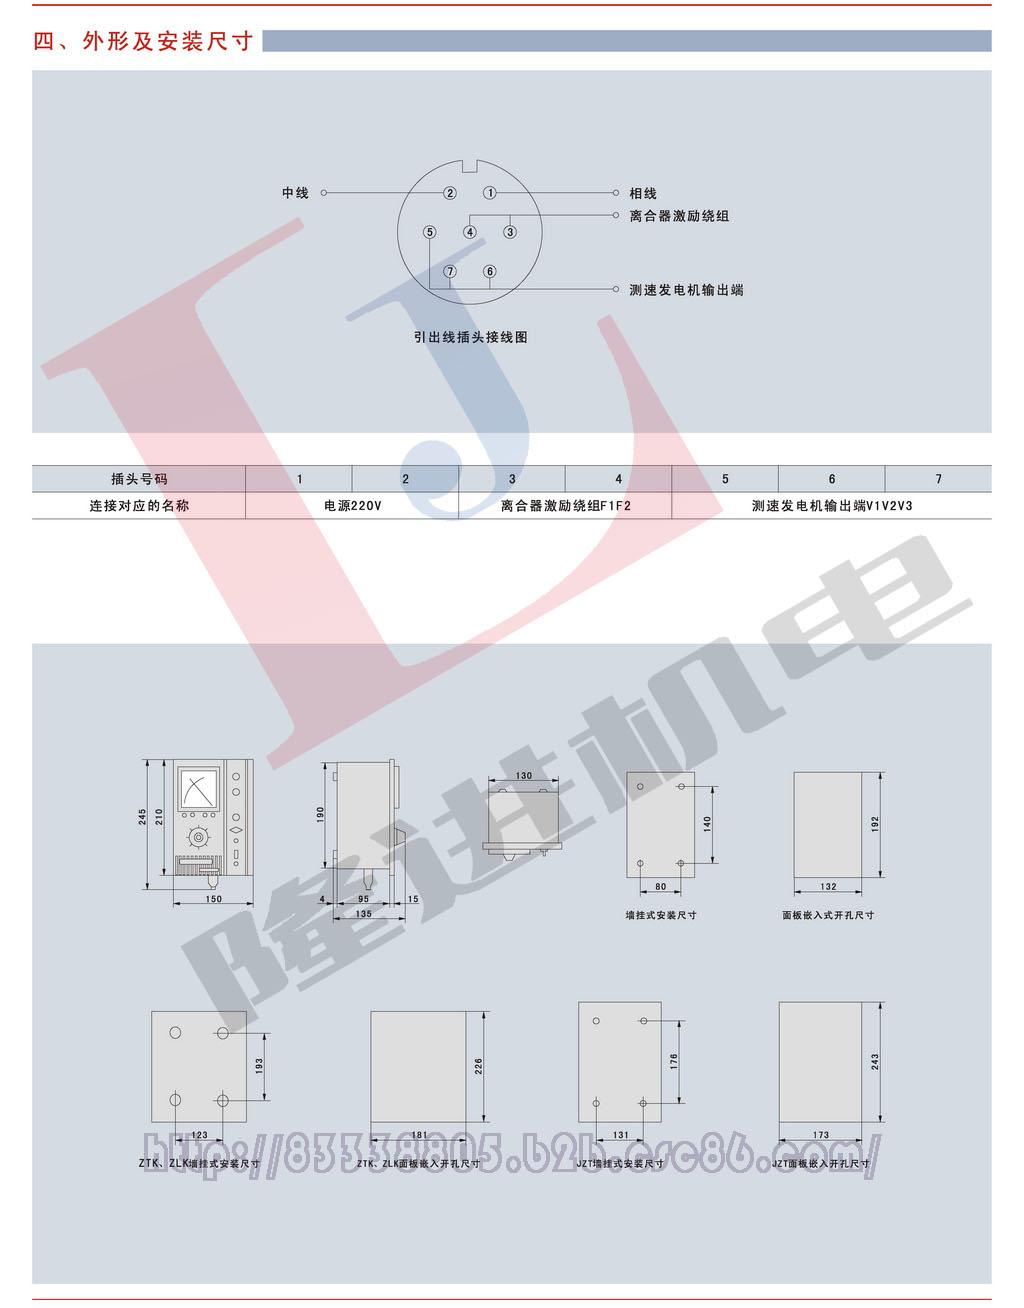 环宇JD1A系列调速器控制器图片二